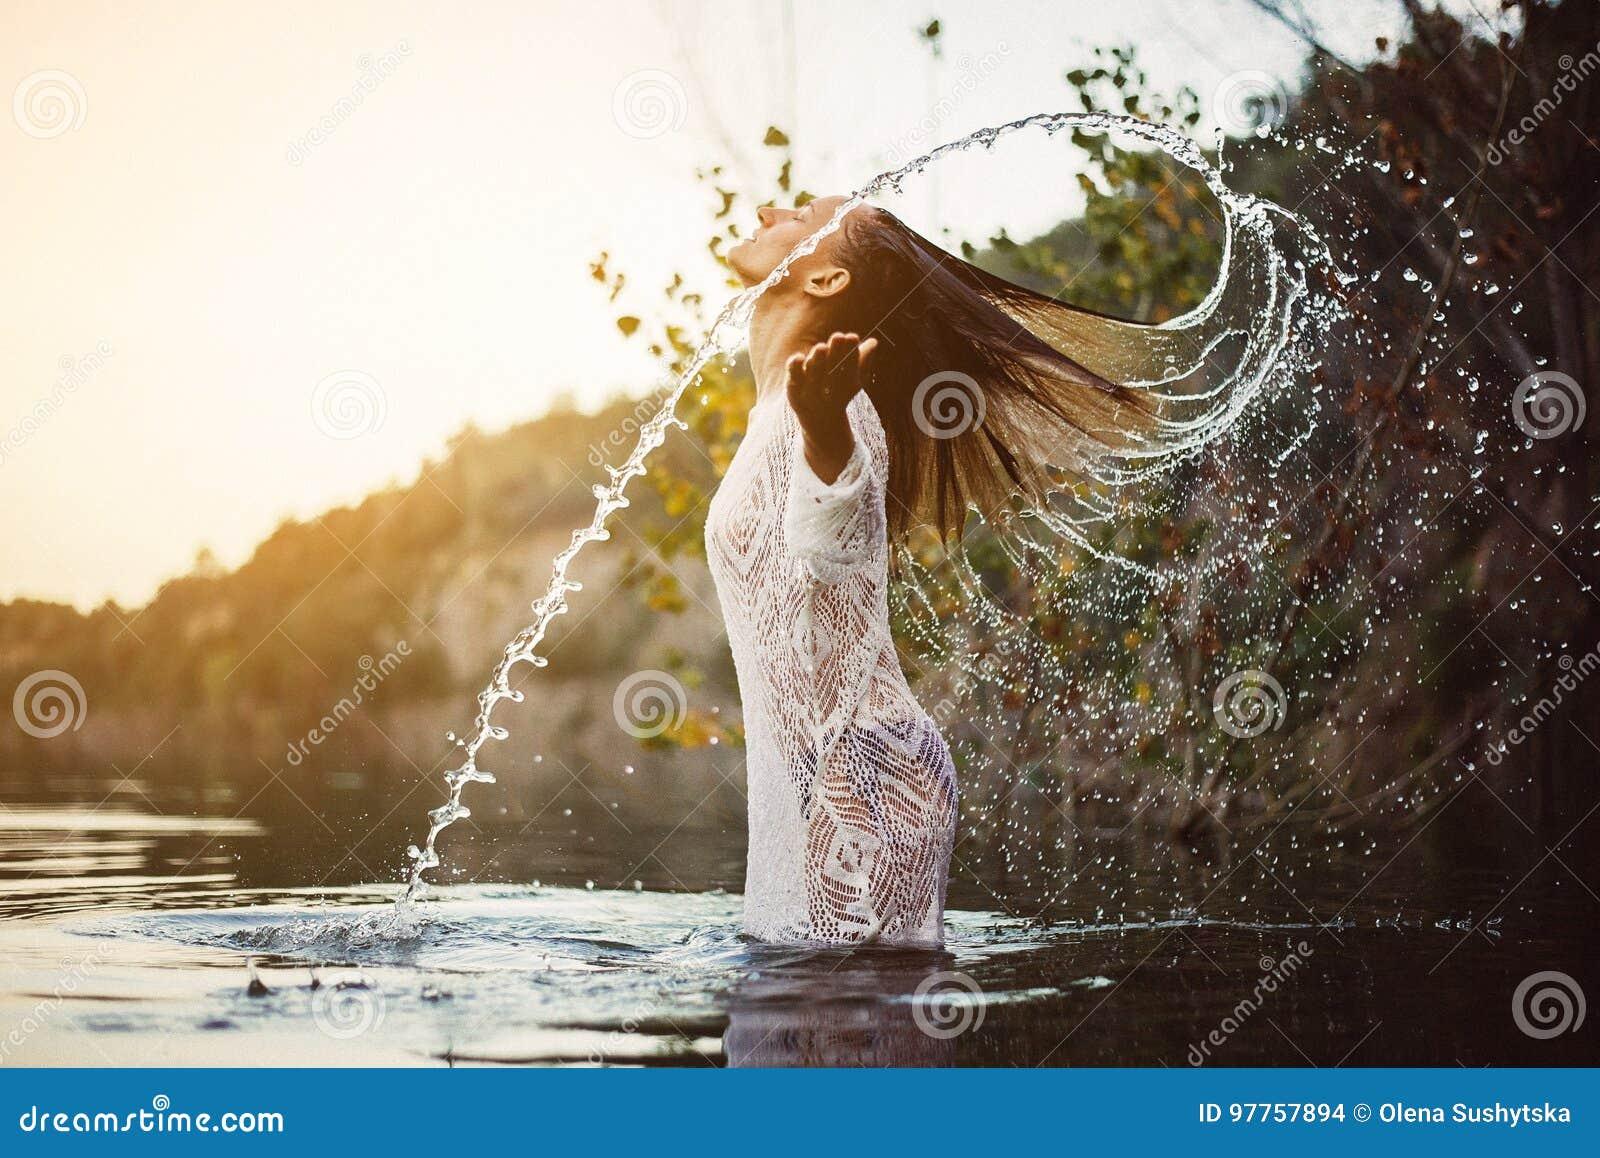 飞溅水的秀丽式样女孩与她的头发 青少年的女孩游泳和飞溅在夏天海滩